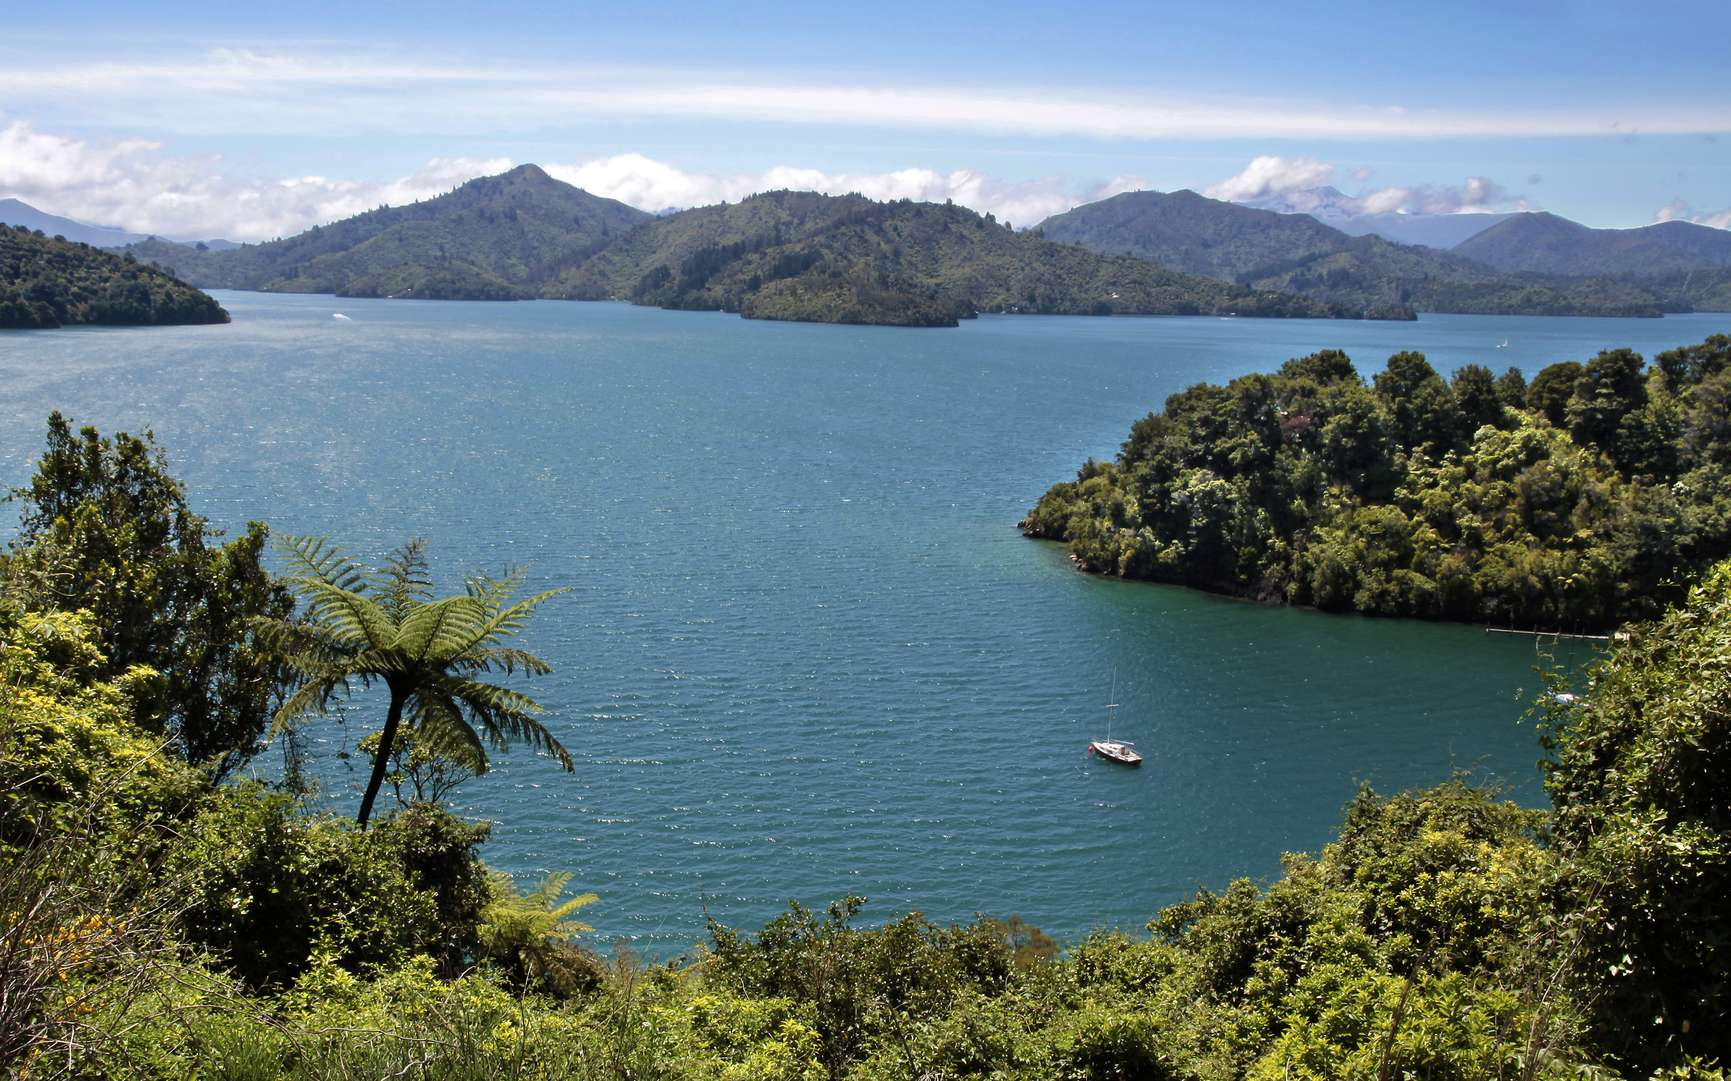 Dans le Pacifique sud, la Nouvelle-Zélande se situe sur une zone sismique, entre deux plaques tectoniques. © cmfotoworks, Istock.com